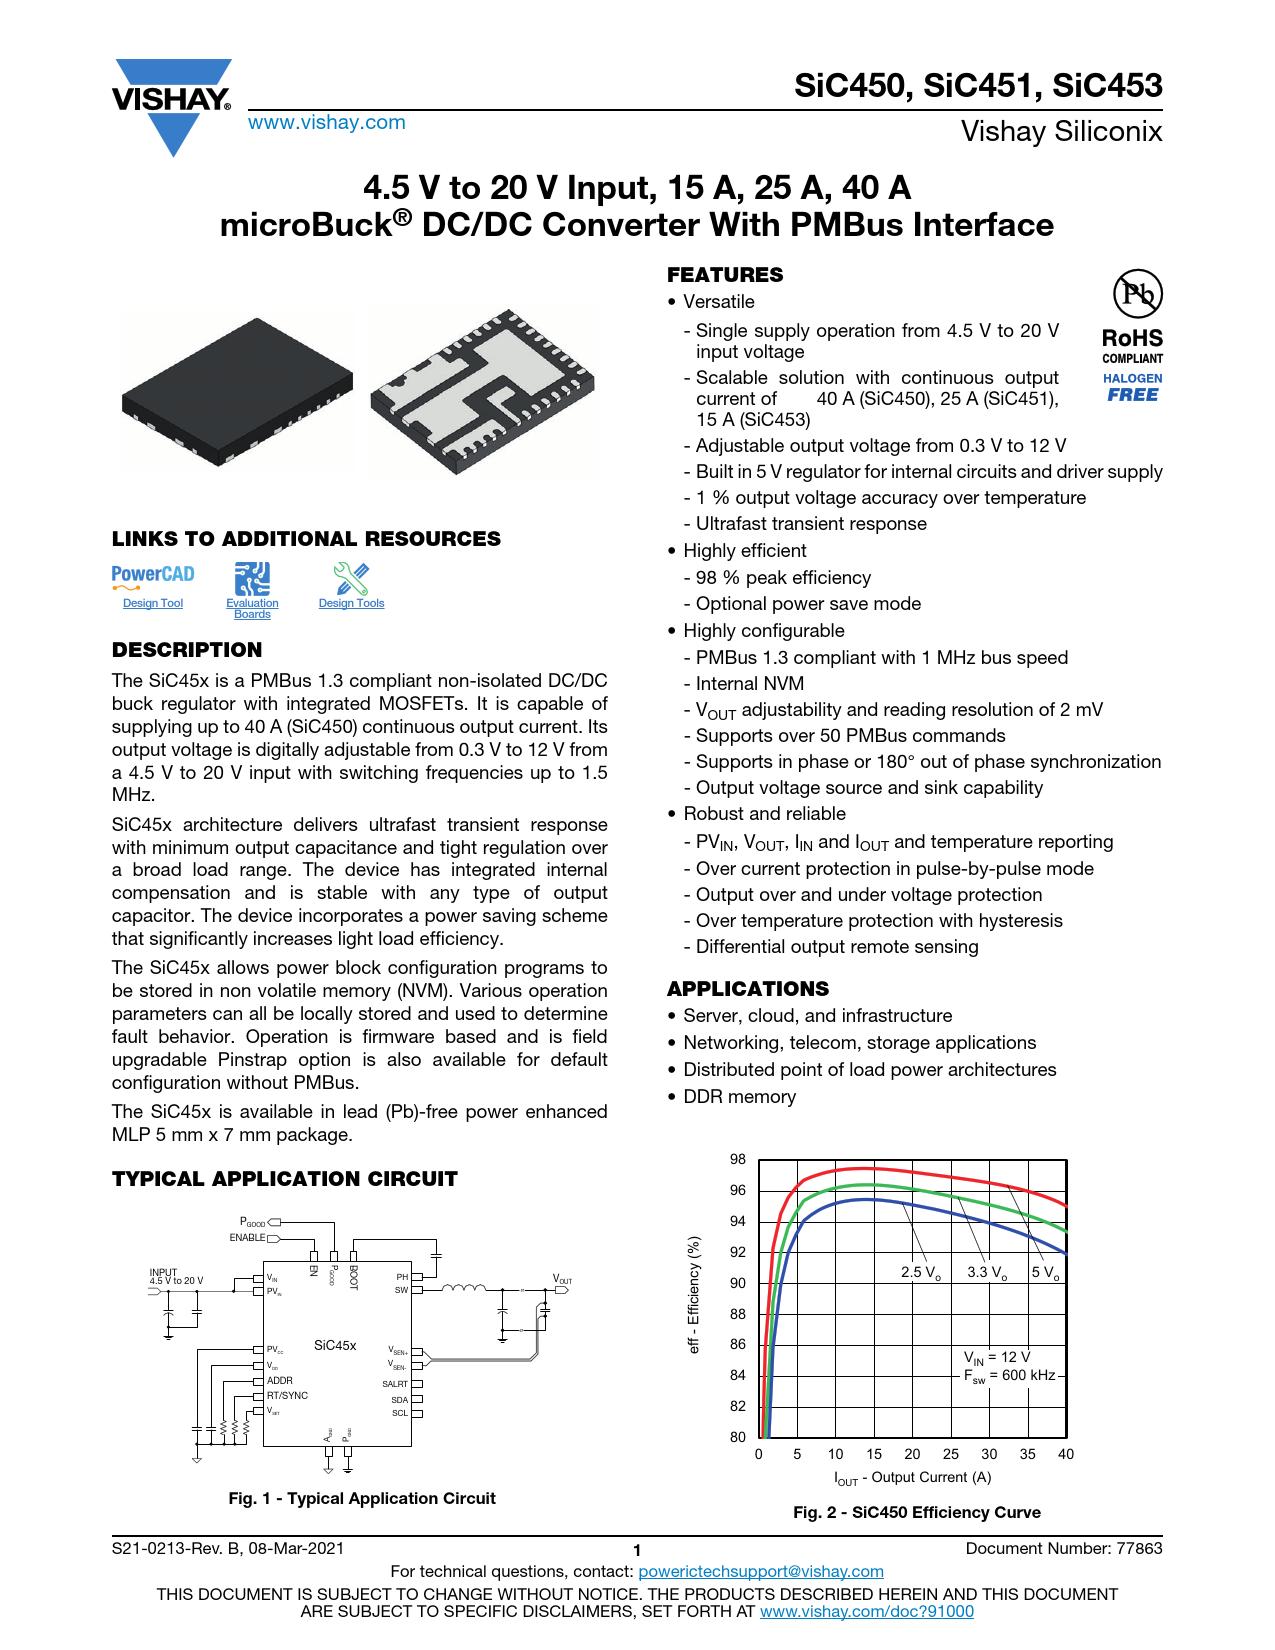 Datasheet SiC450 Vishay